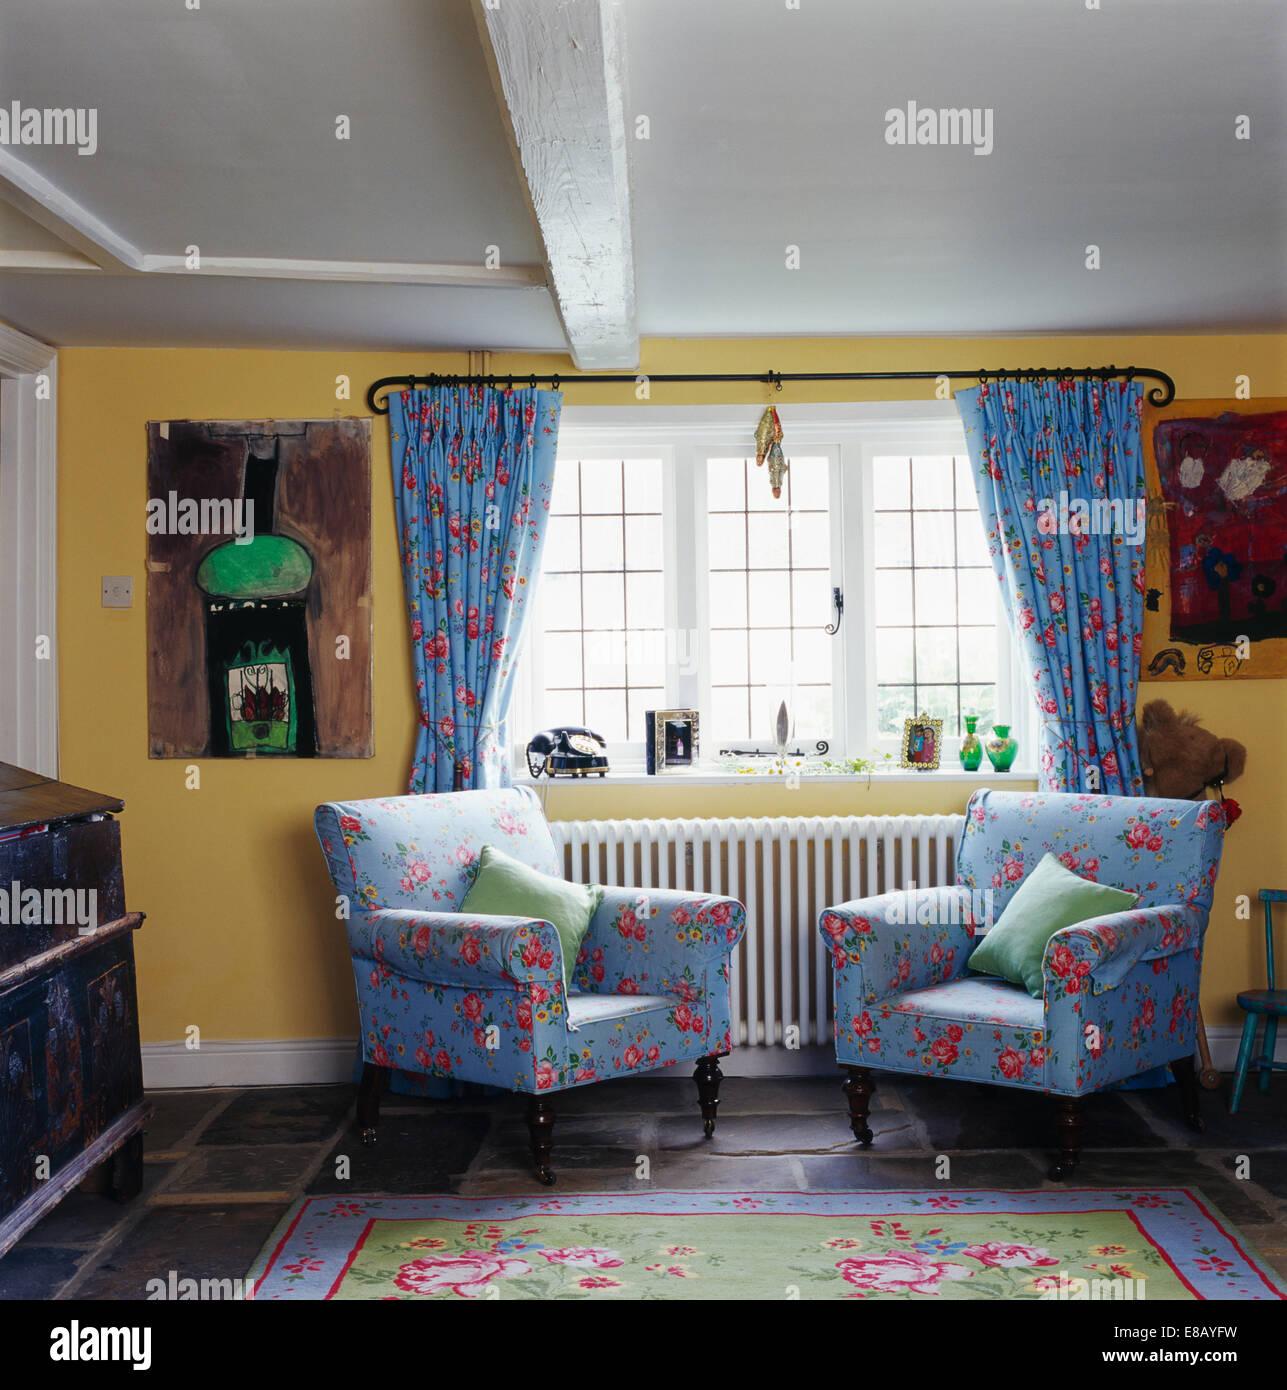 Blaue Blumen Sessel Neben Fenster Mit Passenden Blau Florale Gardinen Im Wohnzimmer  Gelb Land